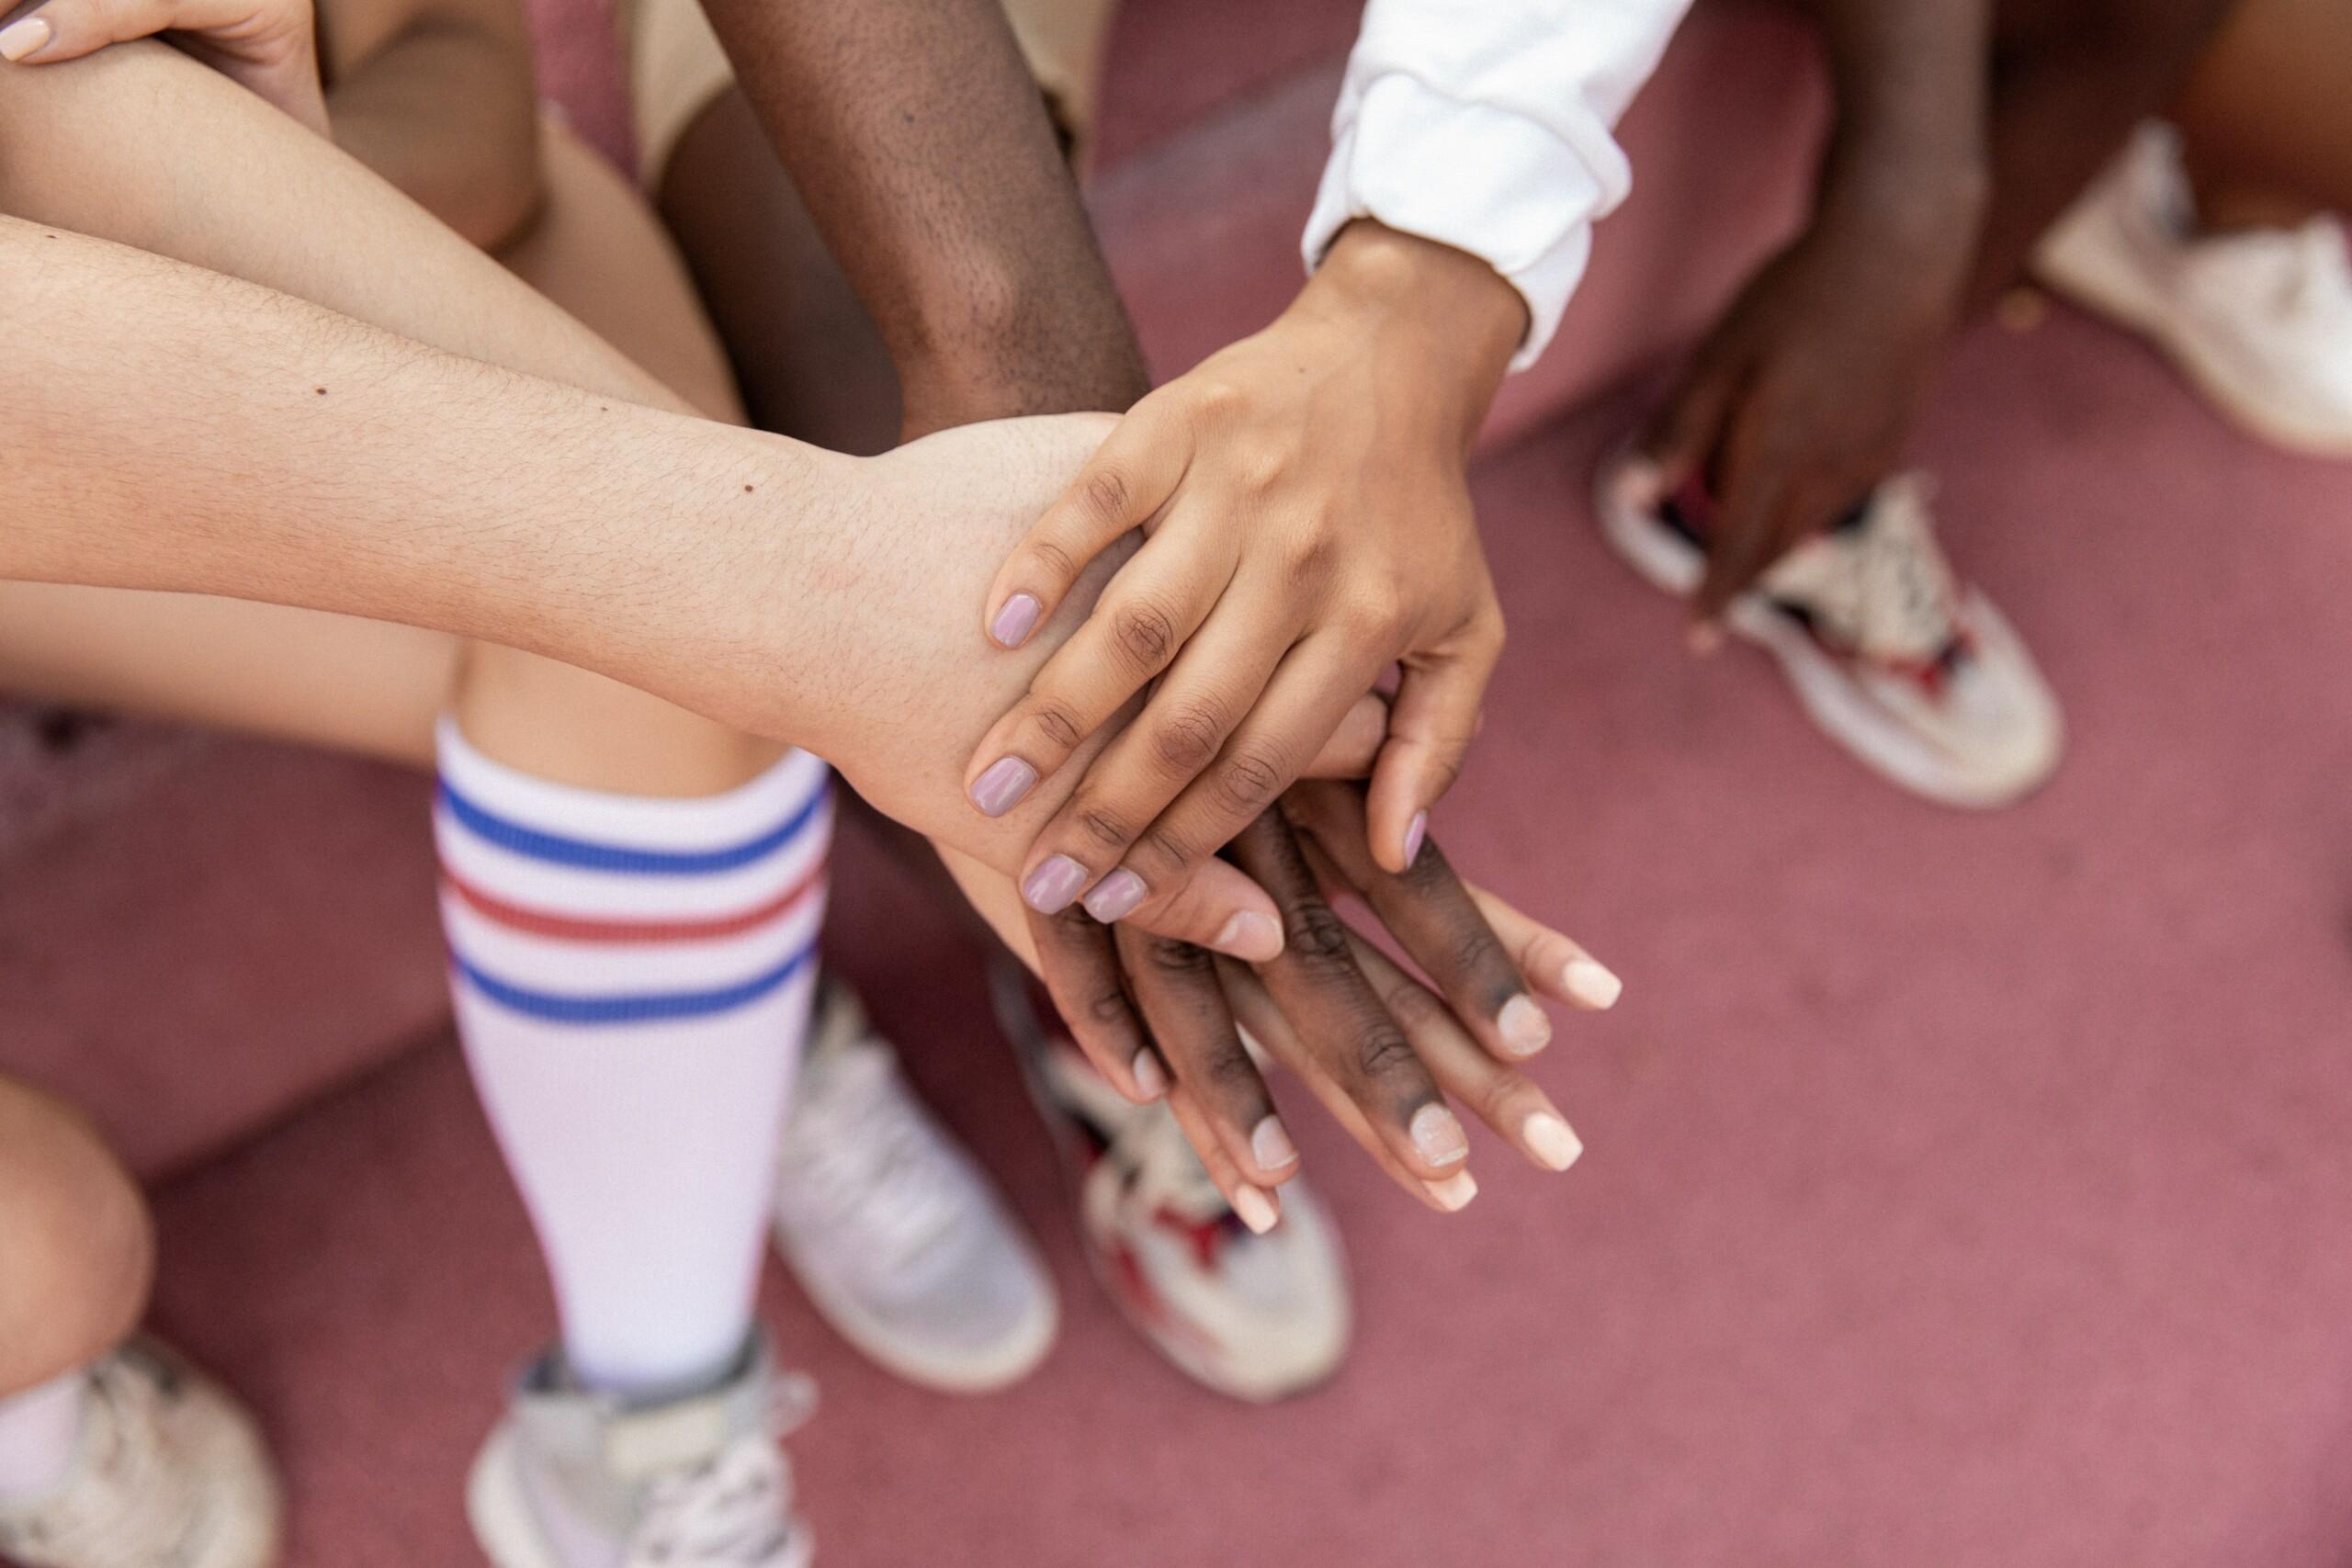 Selbstmotivation 4 Team motiviert sich mit einem gemeinsamen Handschlag